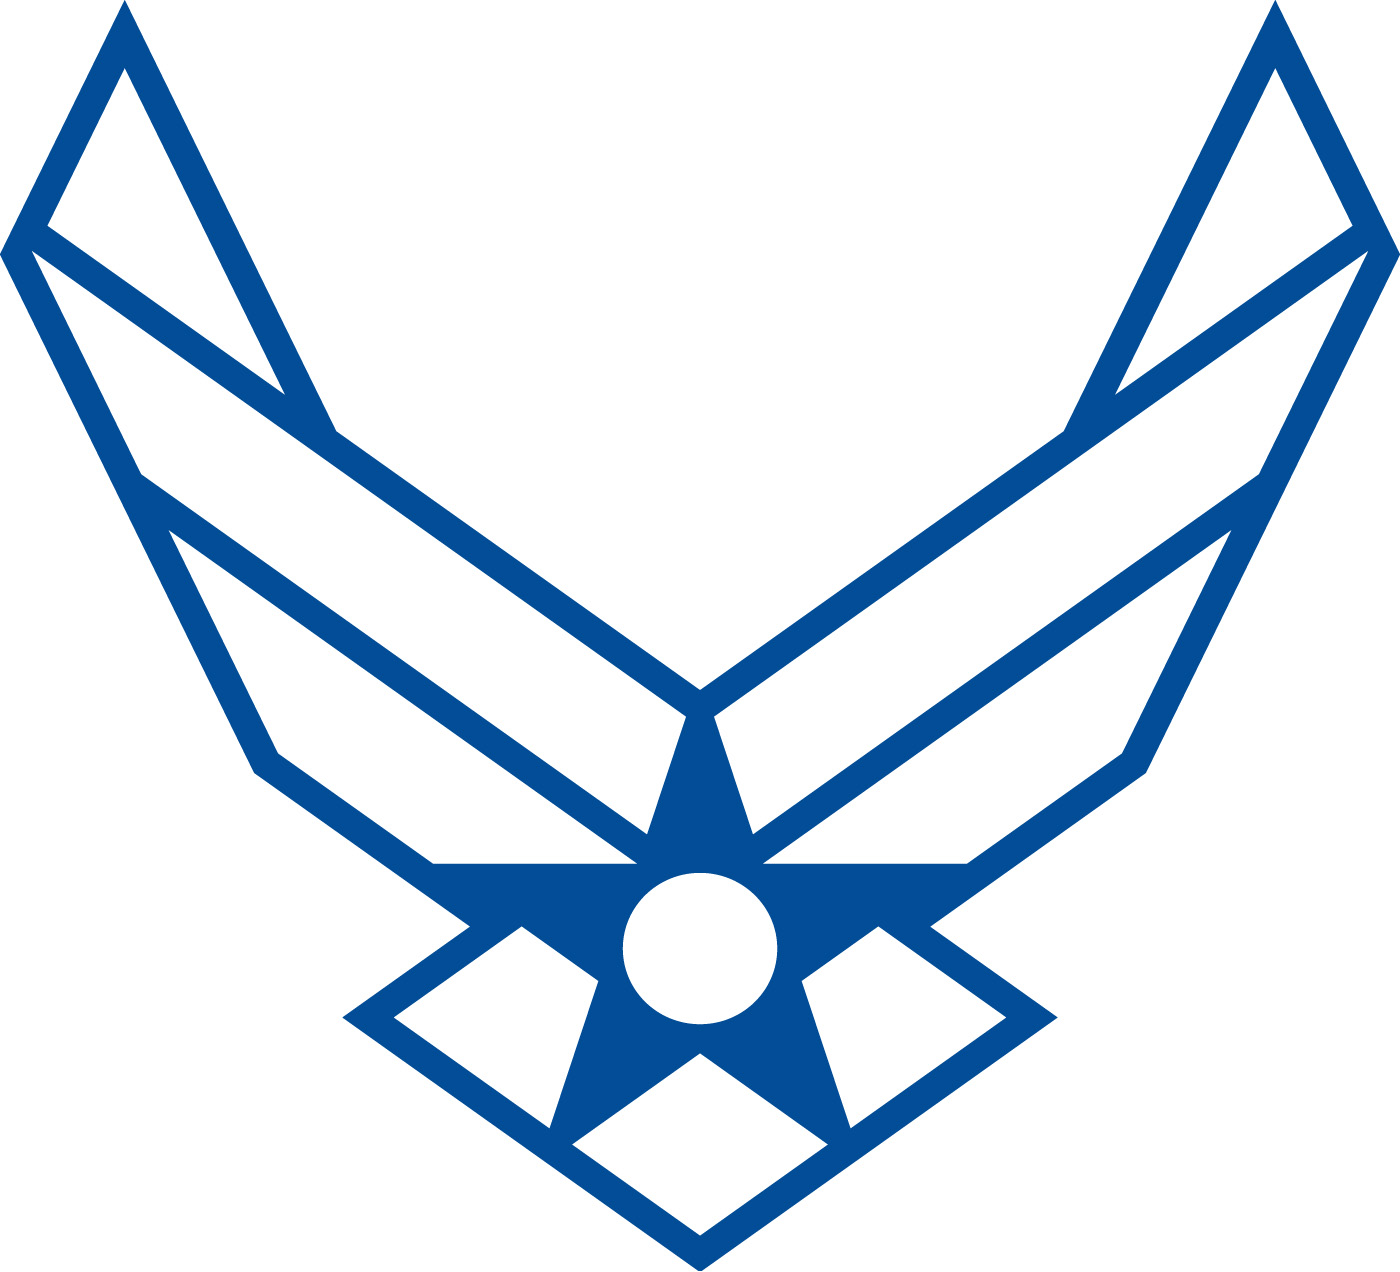 Air force logos clip art.